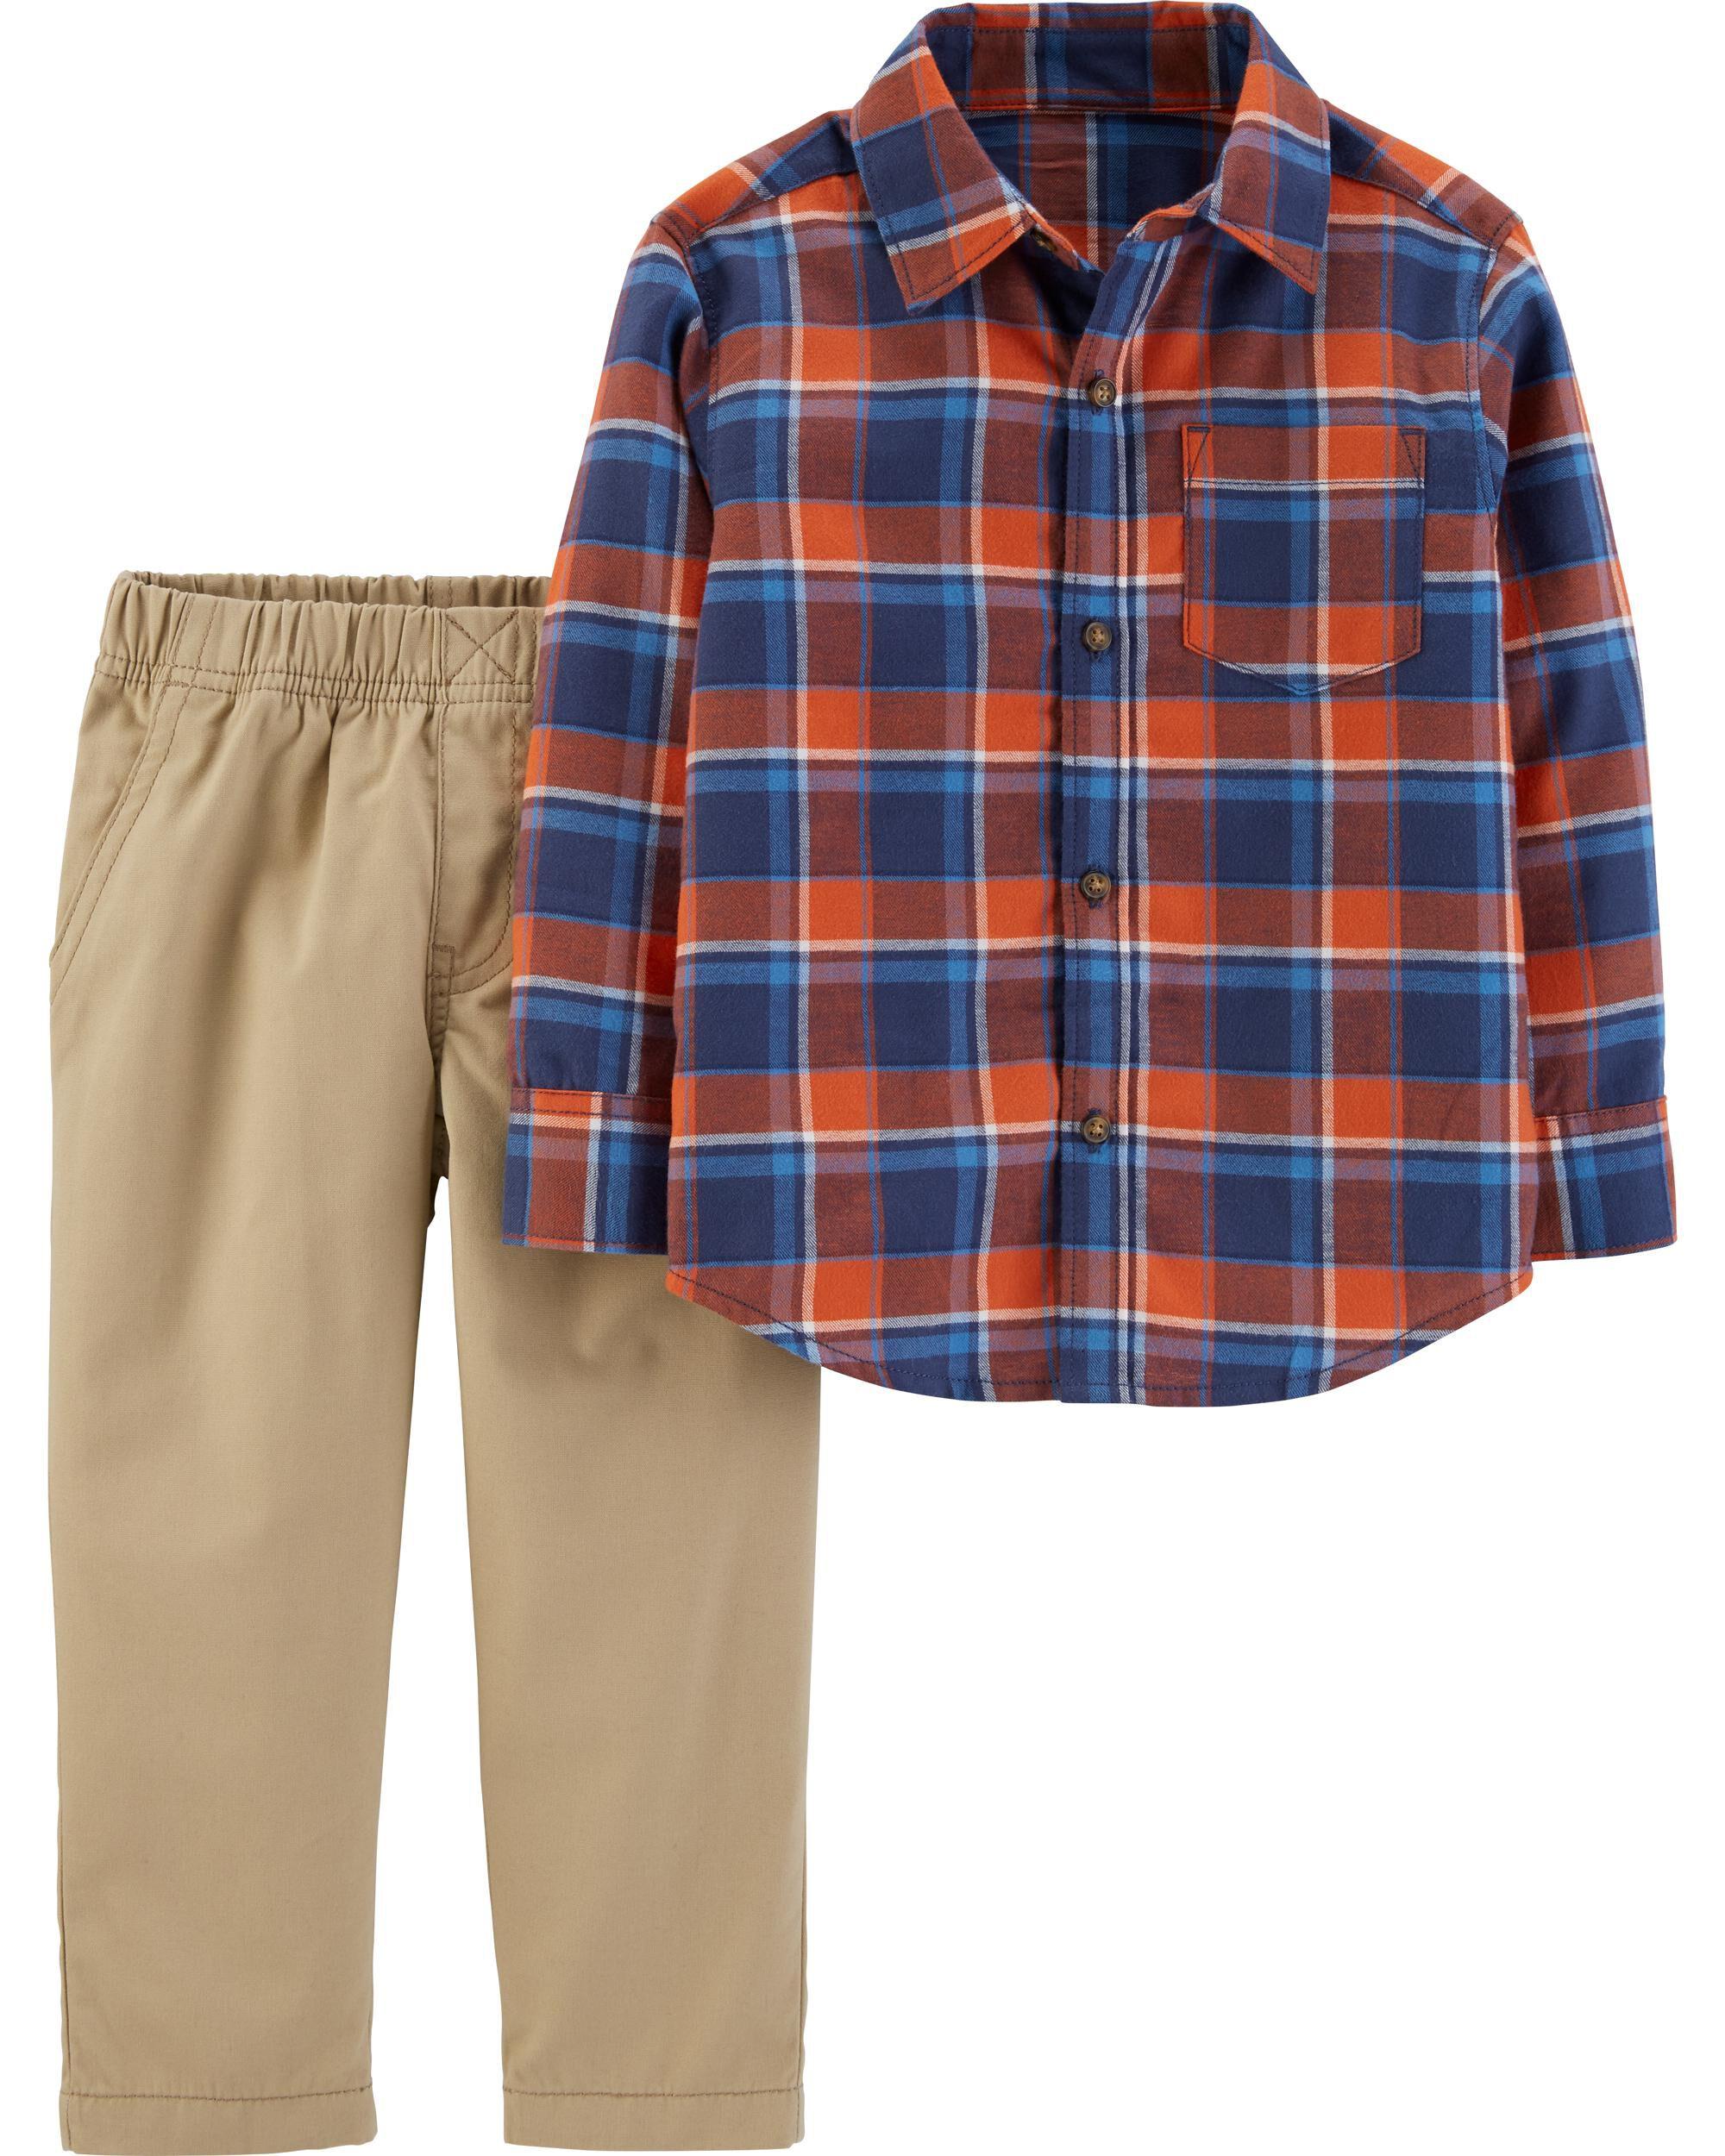 *CLEARANCE* 2-Piece Plaid Button-Front Top & Khaki Pant Set